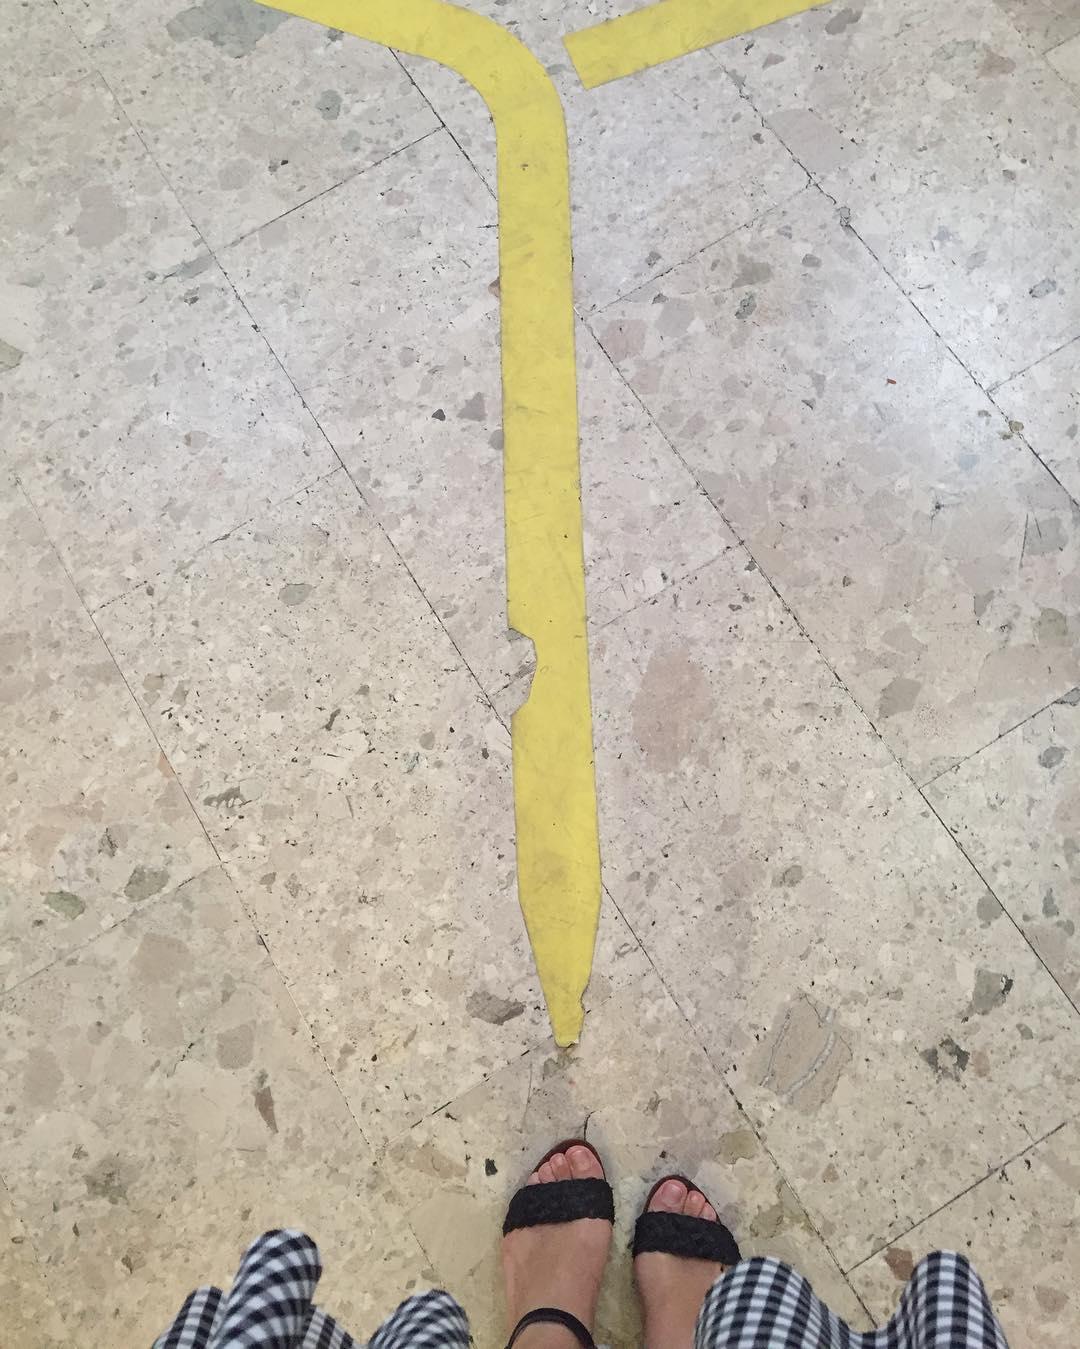 Sigue el camino de baldosas amarillas